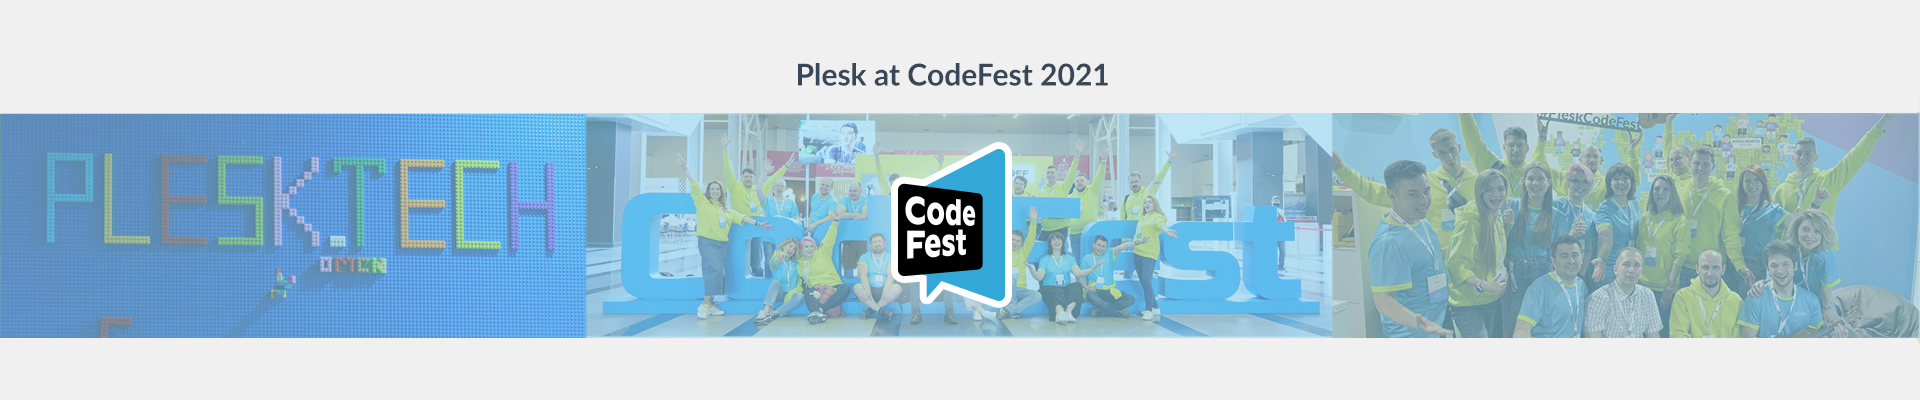 CodeFest Plesk blog header